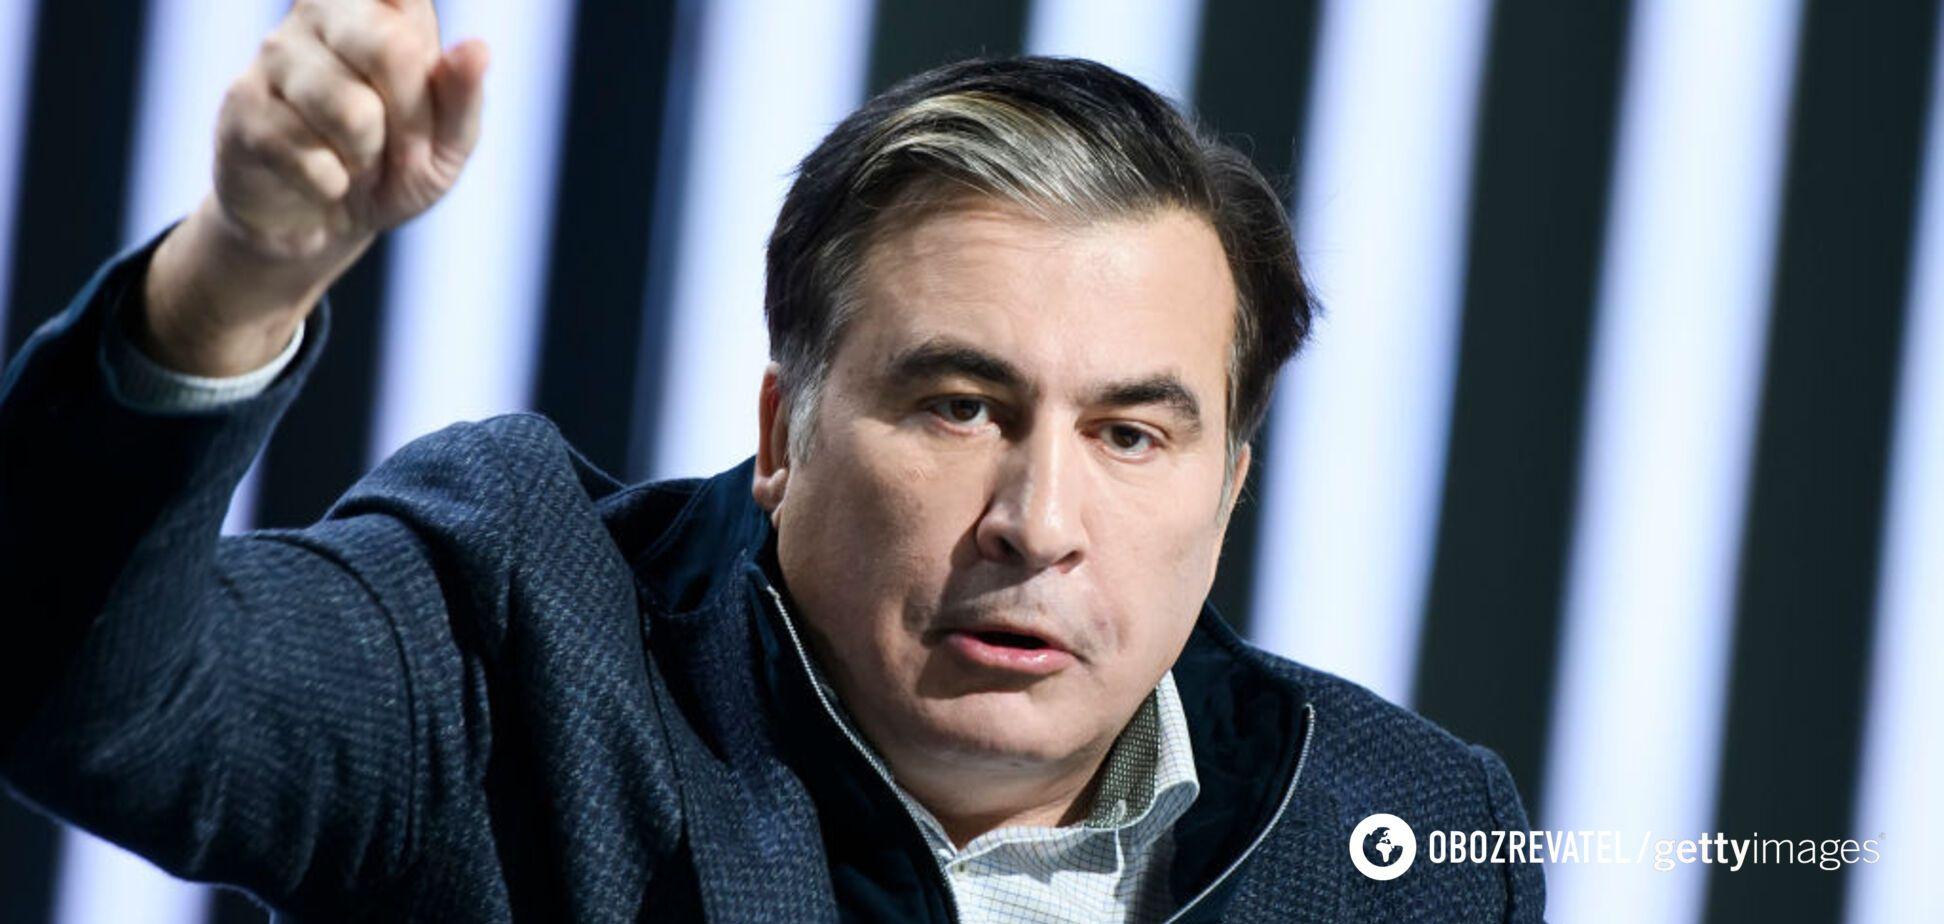 Адвокат заявил об ухудшении состояния Саакашвили из-за голодовки: ему сложно передвигаться